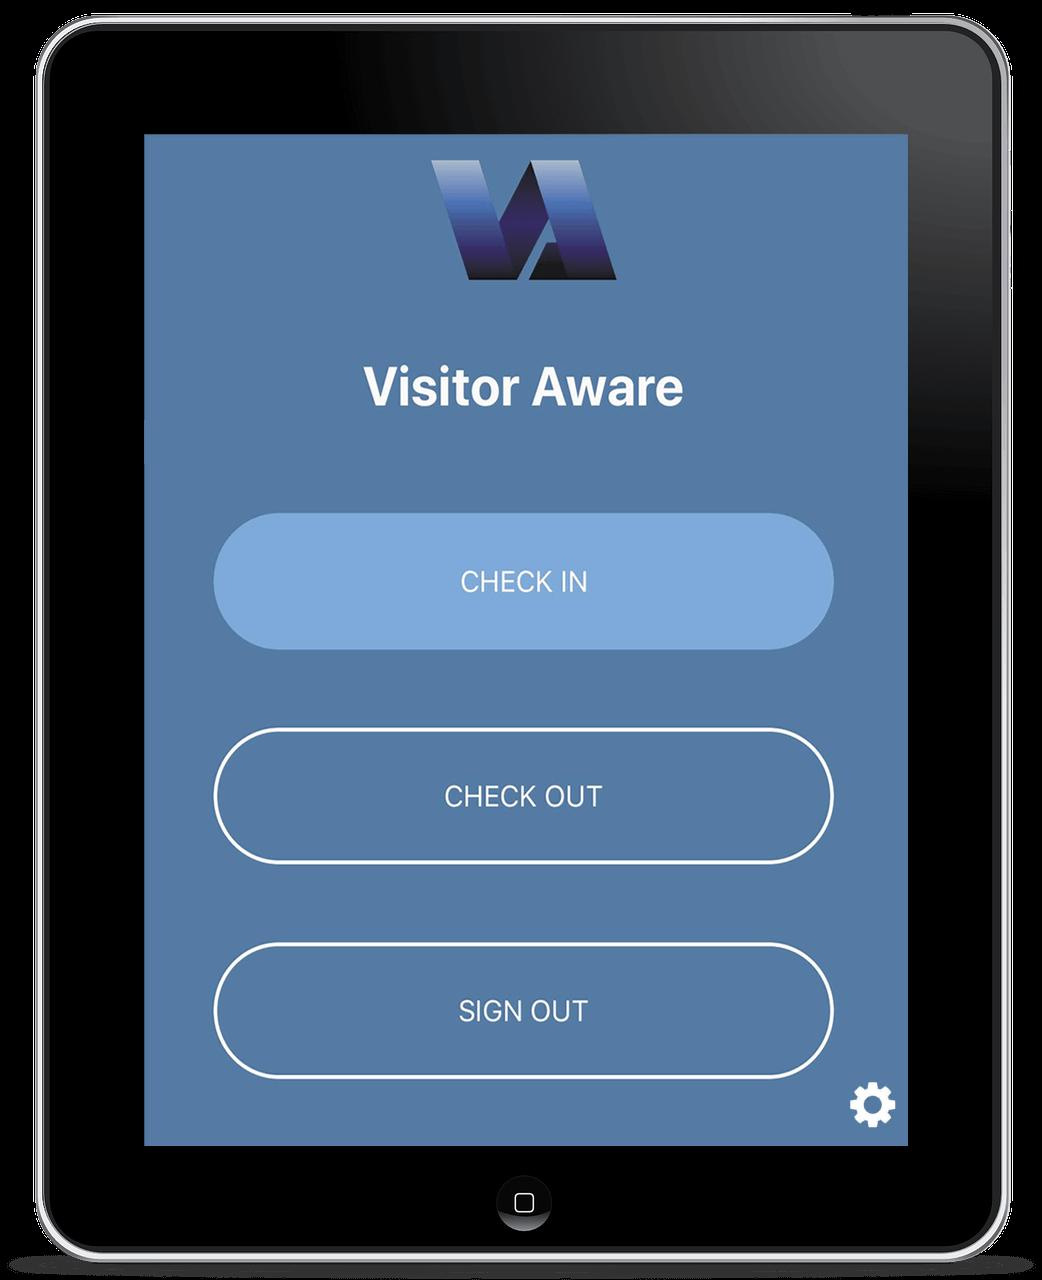 Visitor Aware Check in Kiosk Step Image